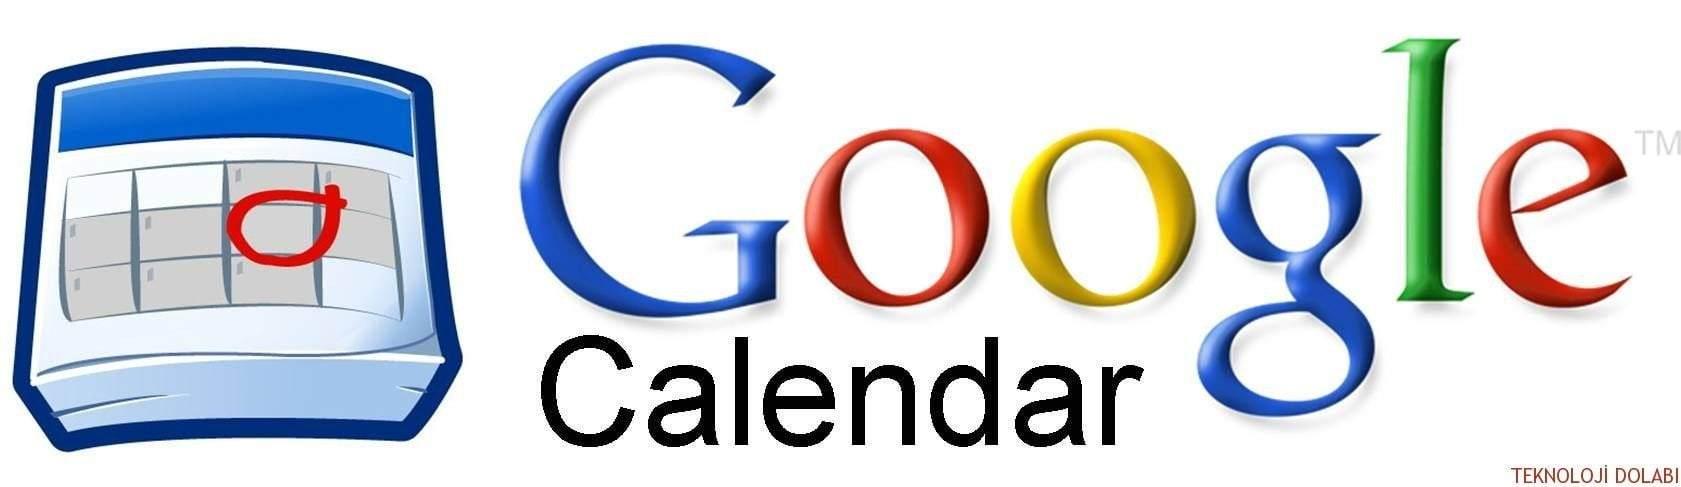 Google Calendar Uygulamasında Doğum Günleri Nasıl Kaldırılır? 1